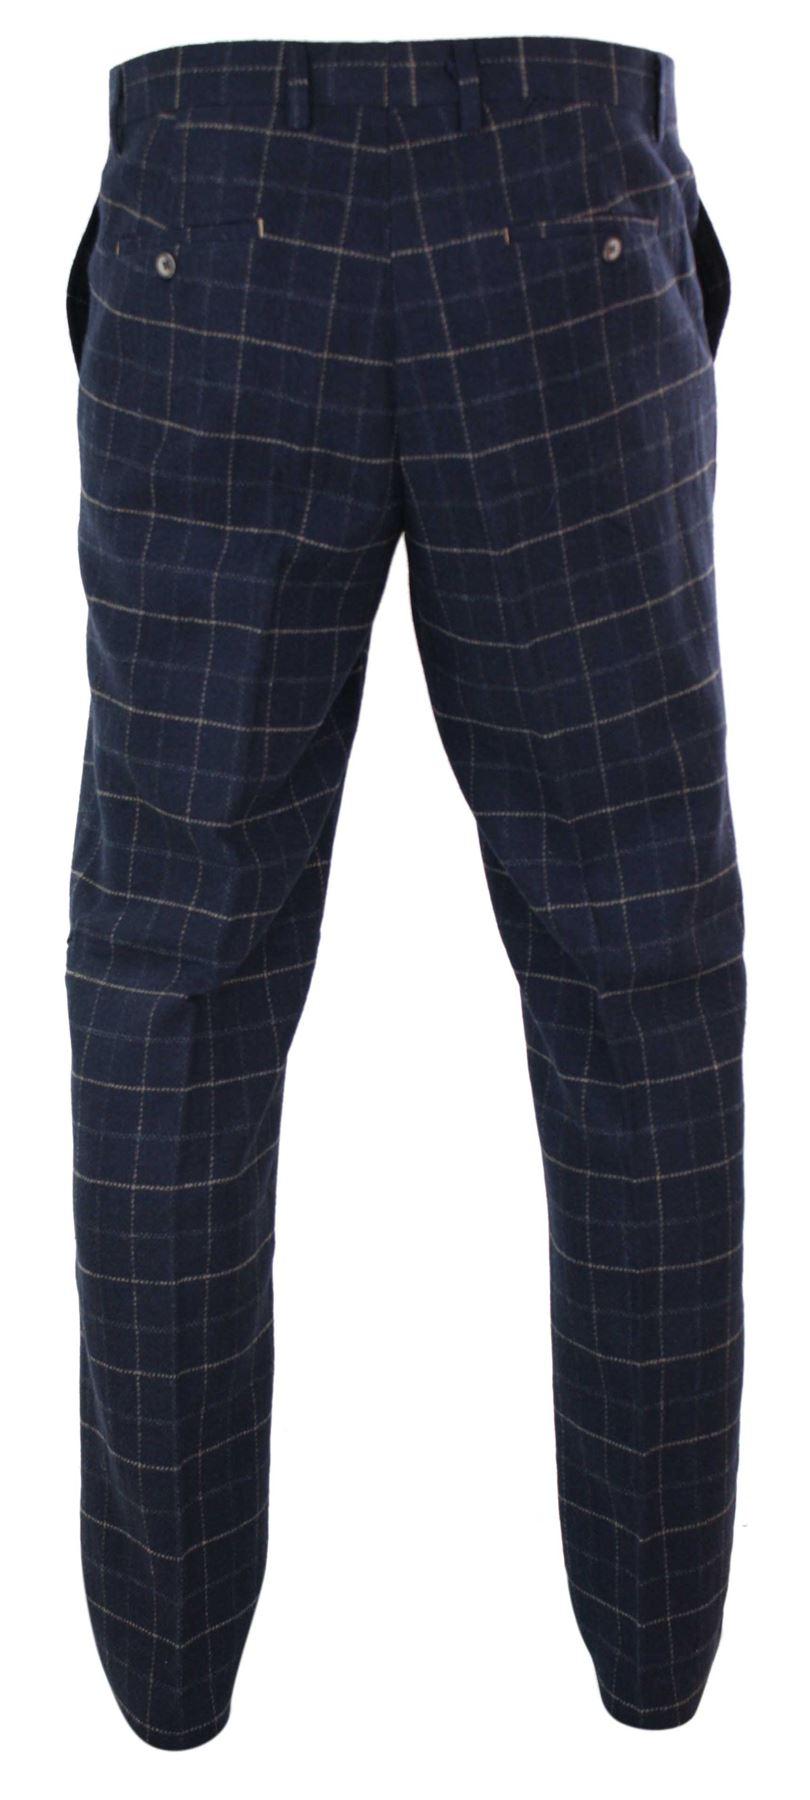 Mens-Herringbone-Tweed-Check-Peaky-Blinders-Trousers-Wool-Vintage-Classic-Retro thumbnail 17